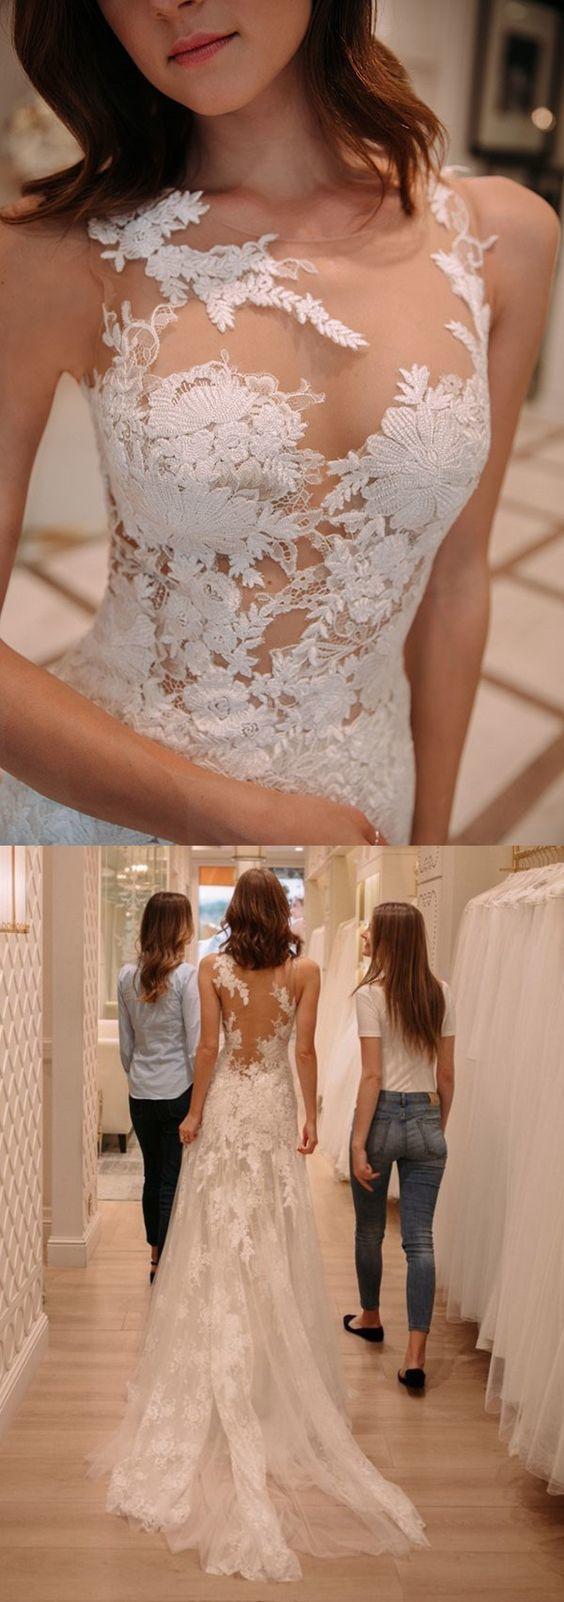 Enge Spitze Brautkleider mit Hofzug, Mode Brautkleider